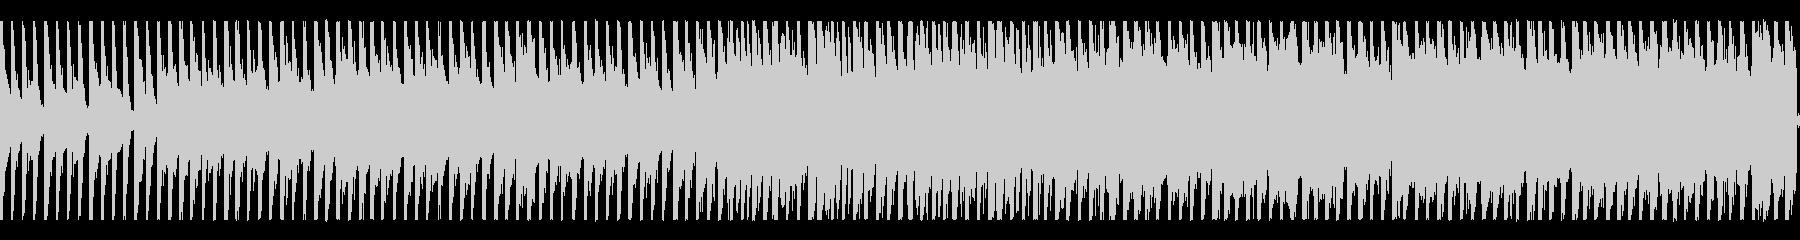 怪しい雰囲気の4つ打ちピアノナンバーの未再生の波形